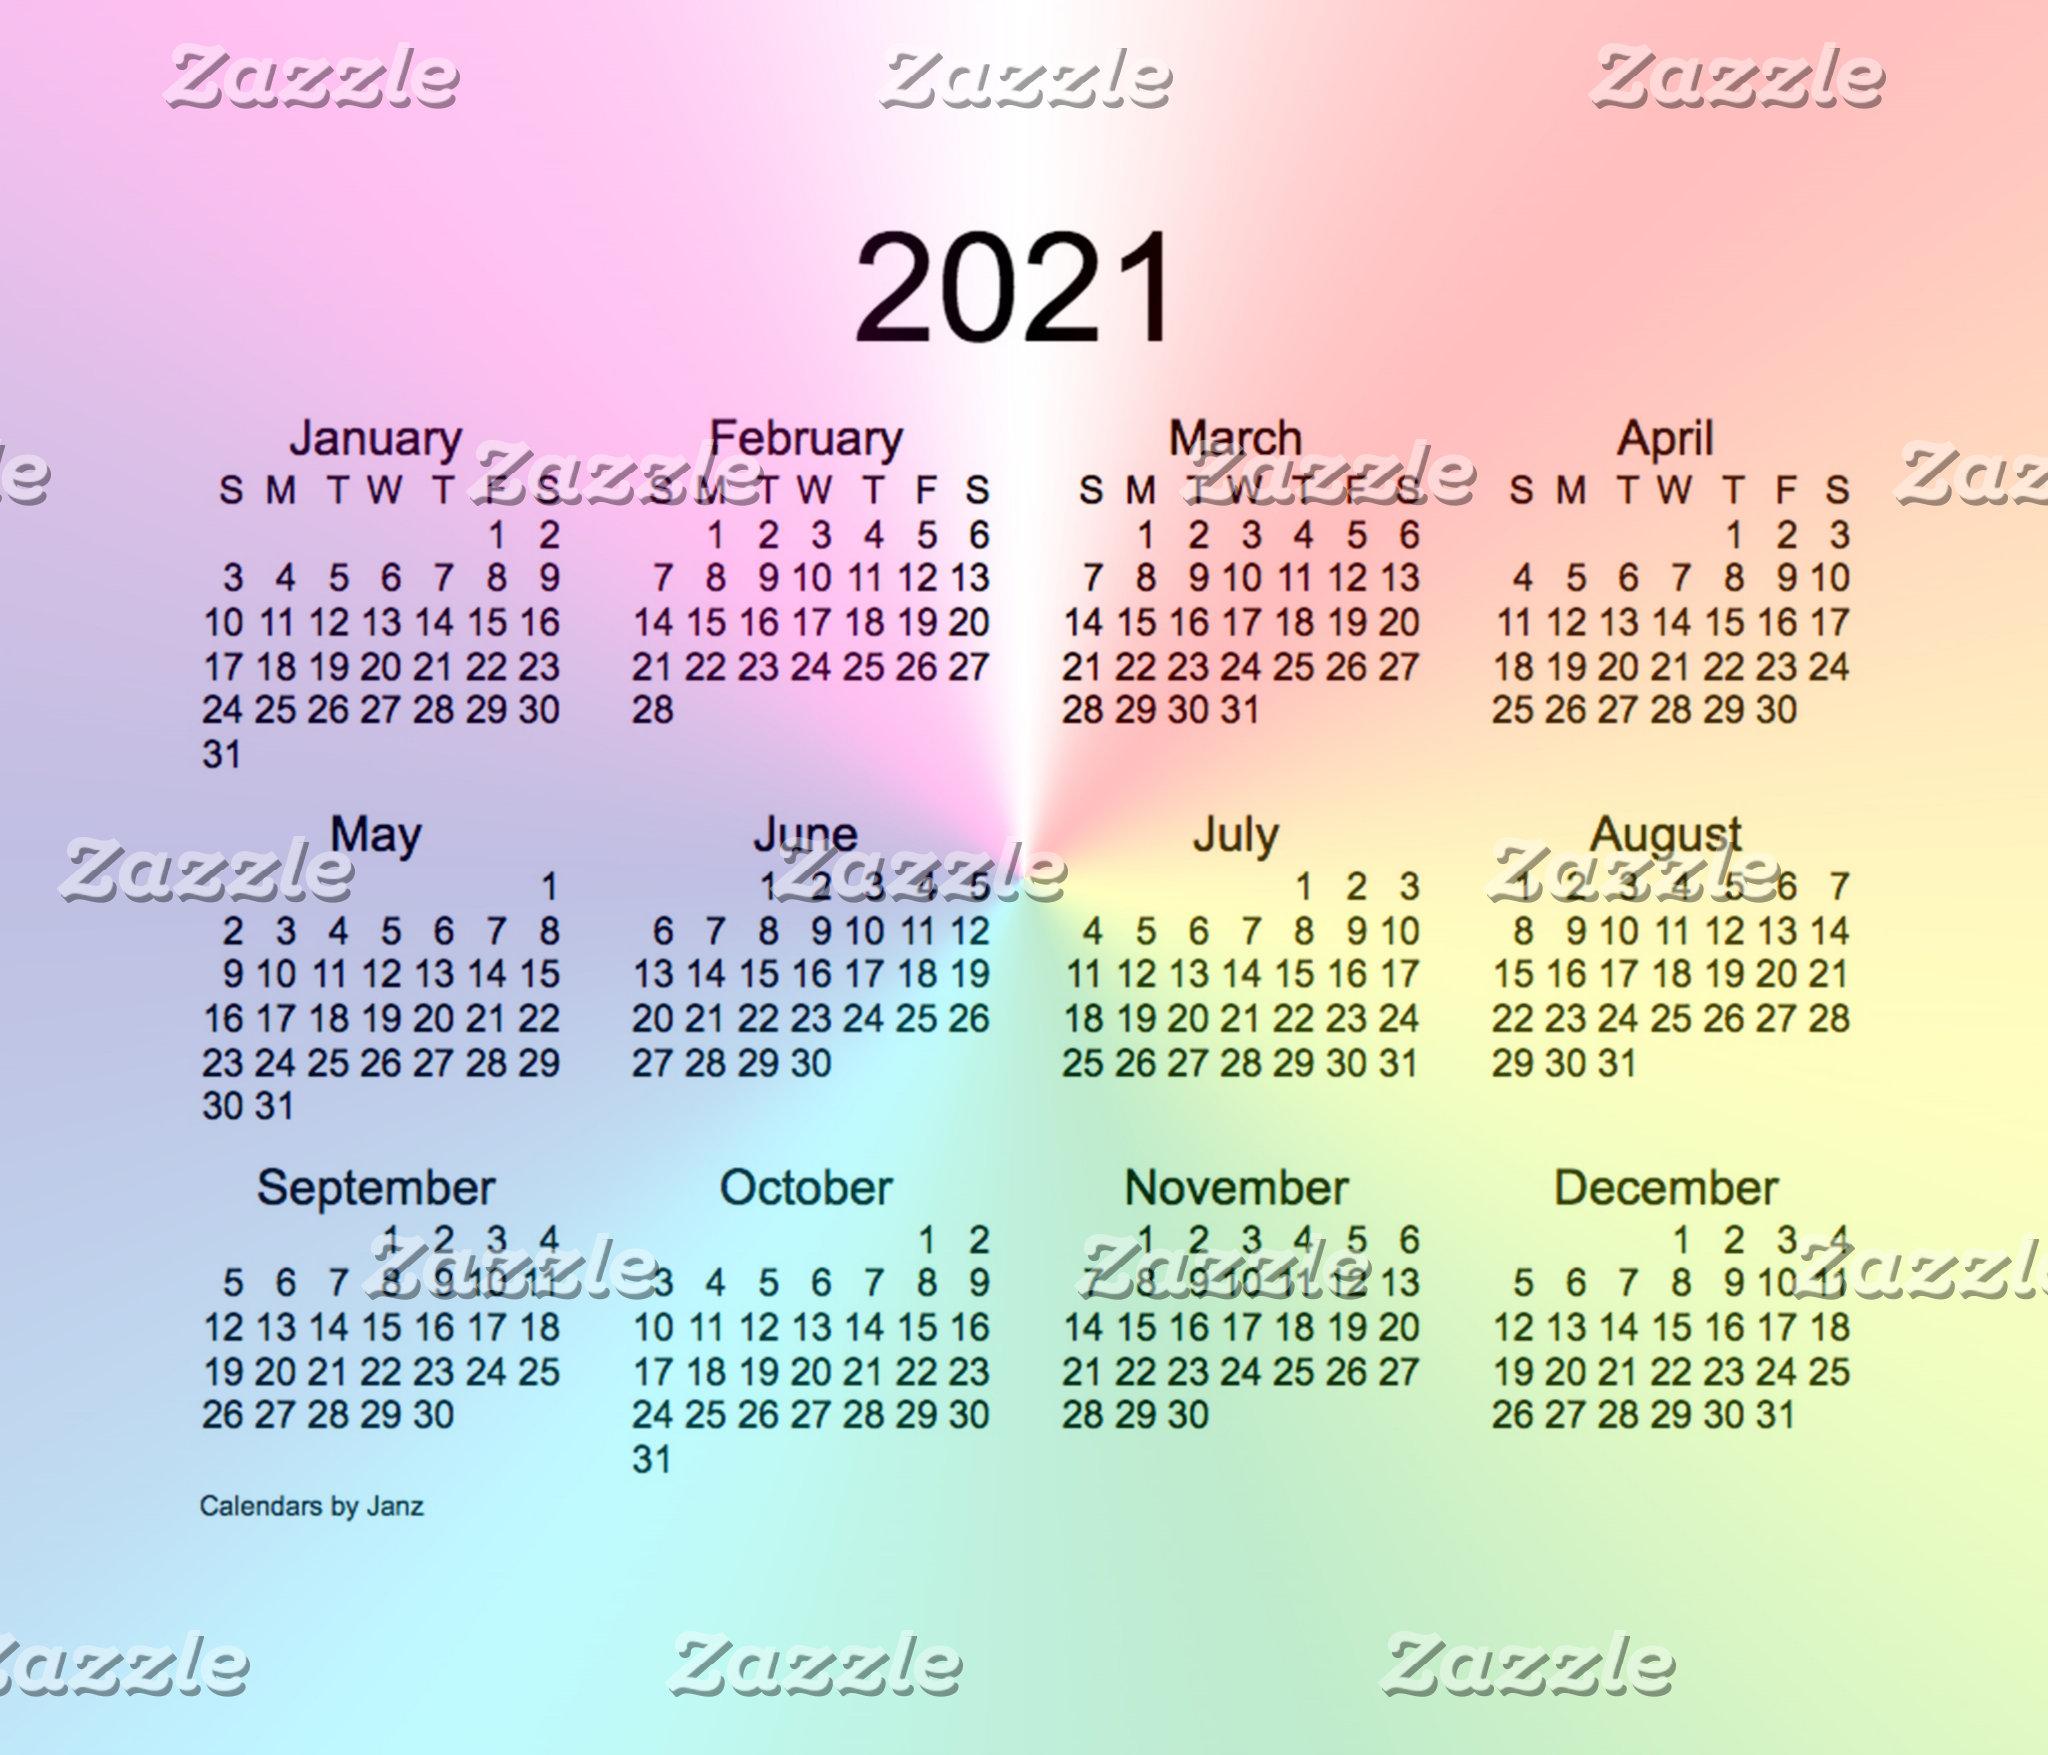 2021 Calendars by Janz